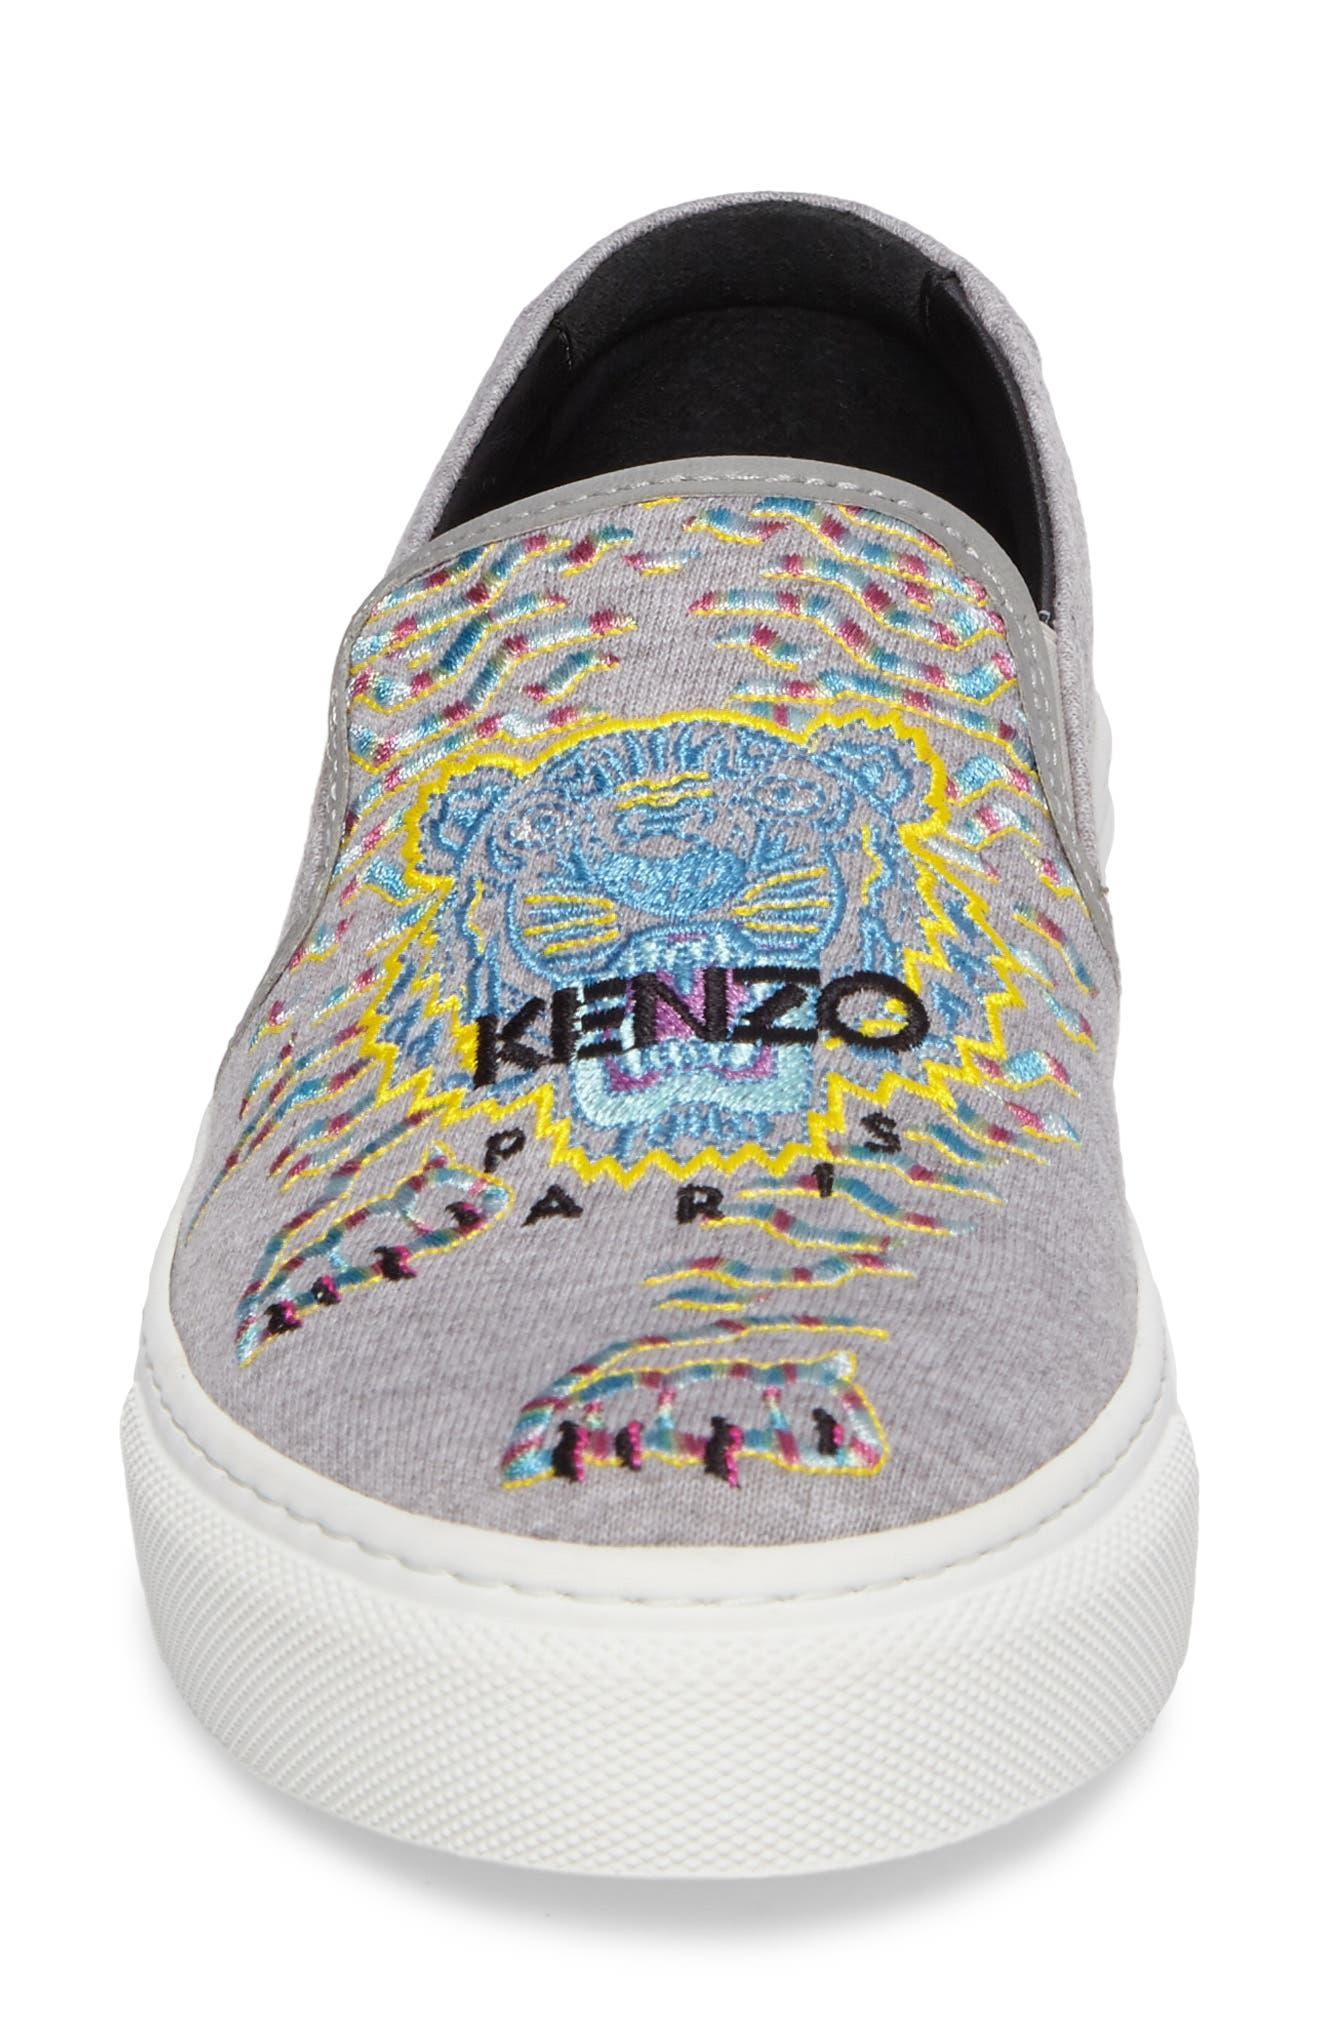 Alternate Image 4  - KENZO K Skate Embroidered Slip-On Sneaker (Women)